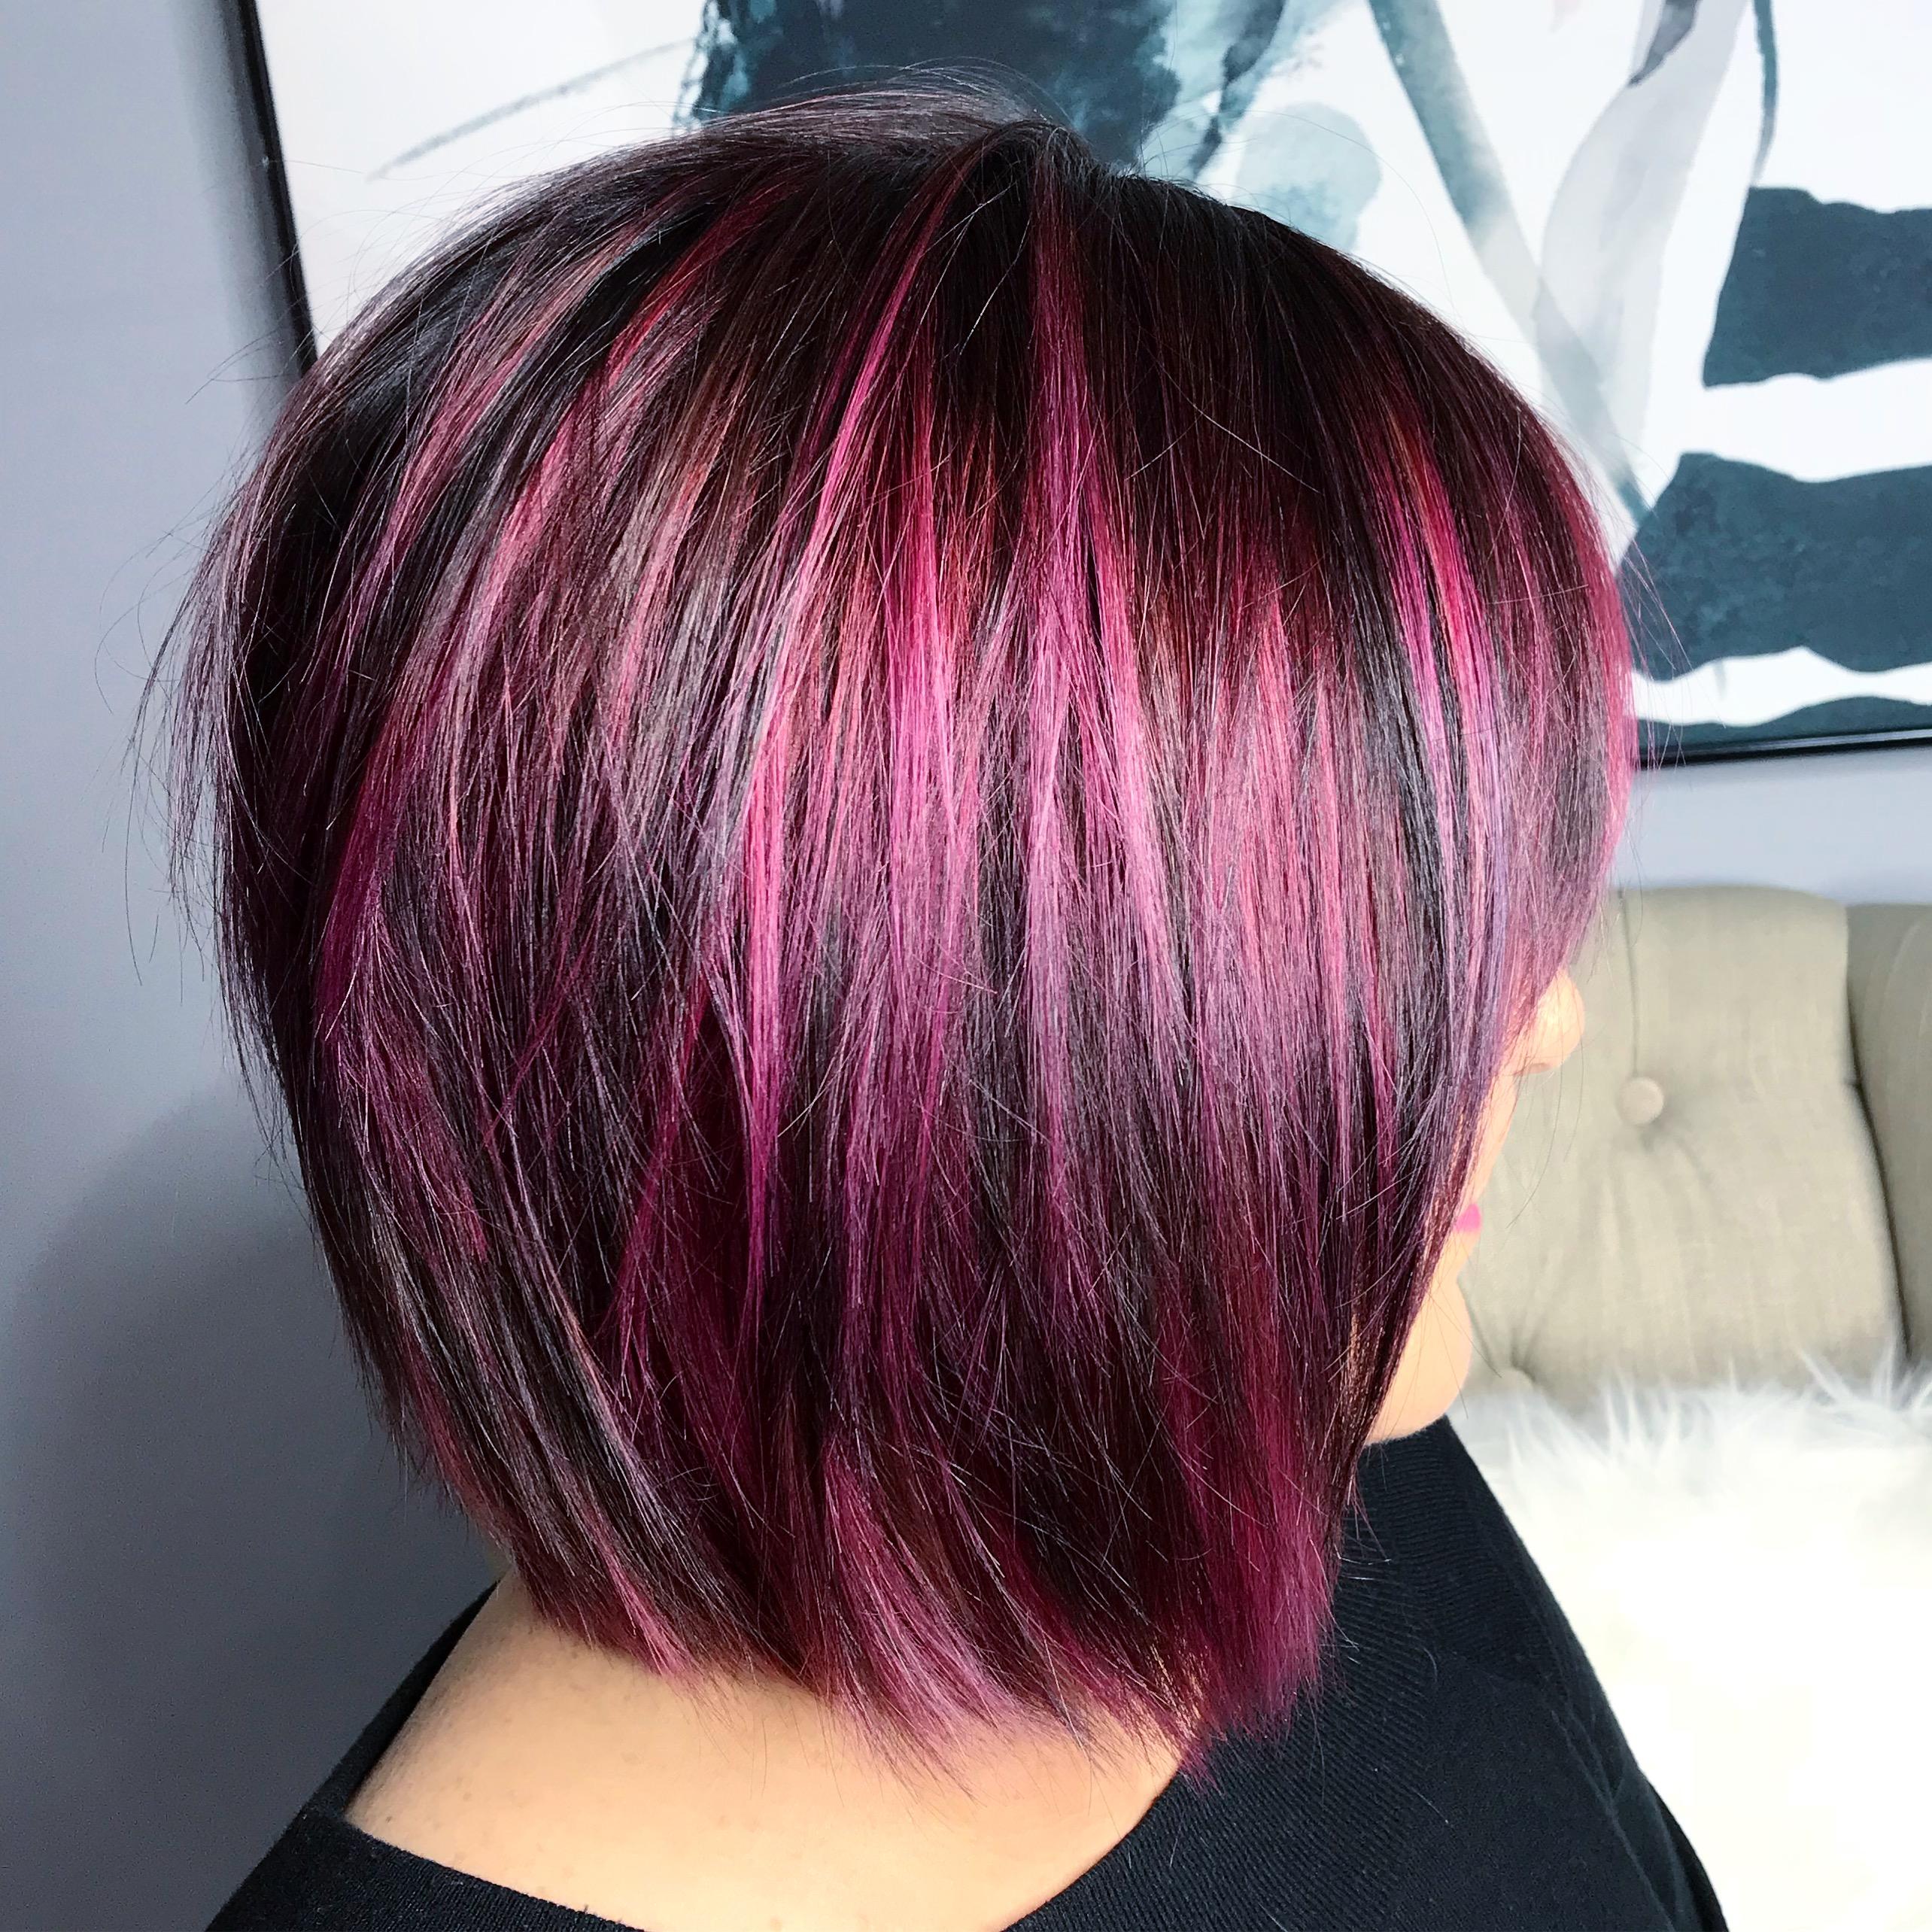 Garnet hair